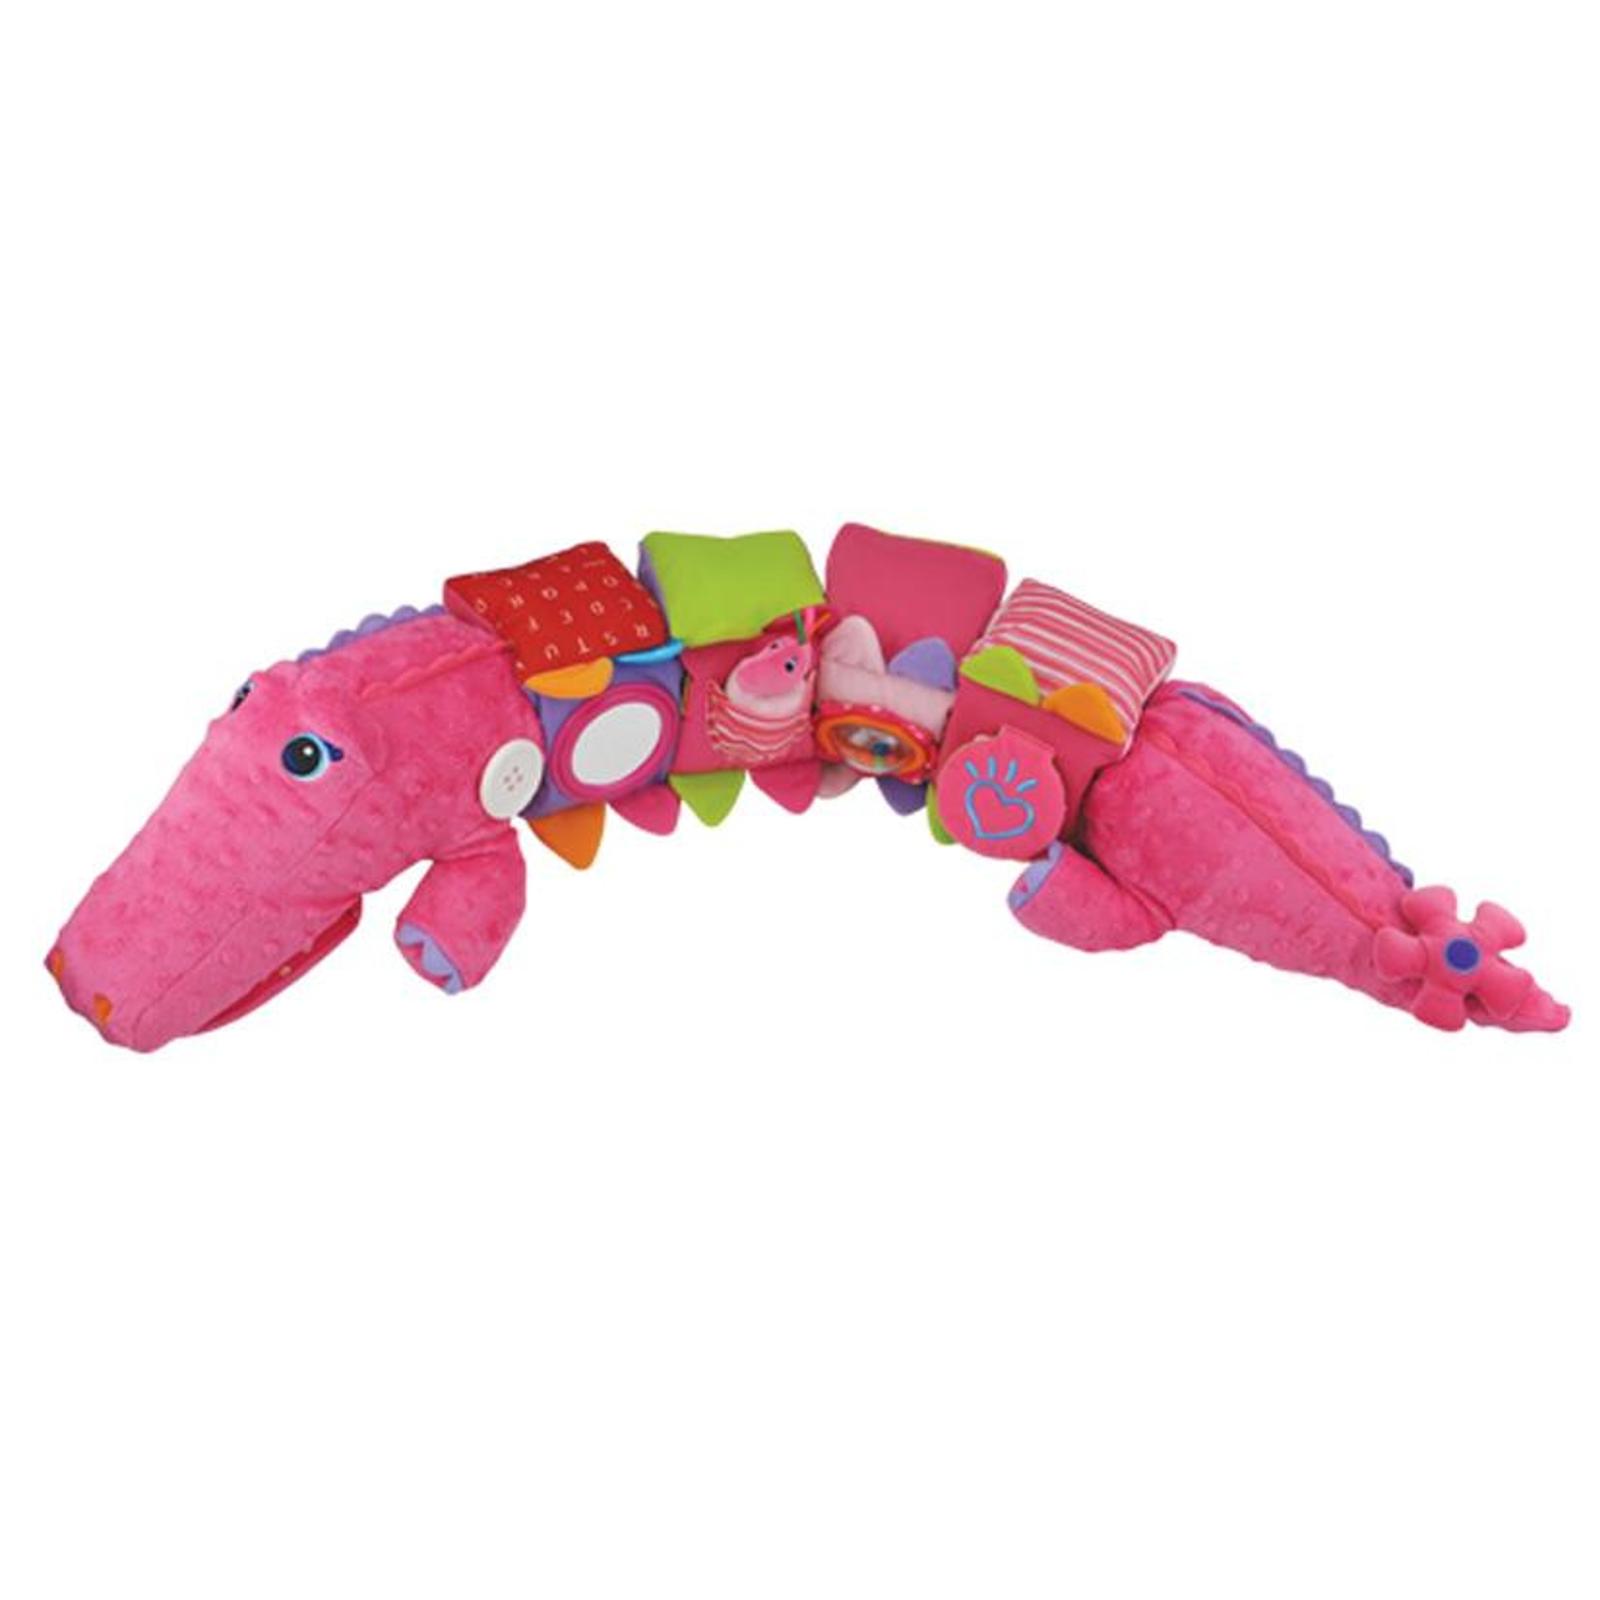 Развивающая игрушка K&amp;#039;s Kids Леди Кроко Блоко с 0 мес.<br>